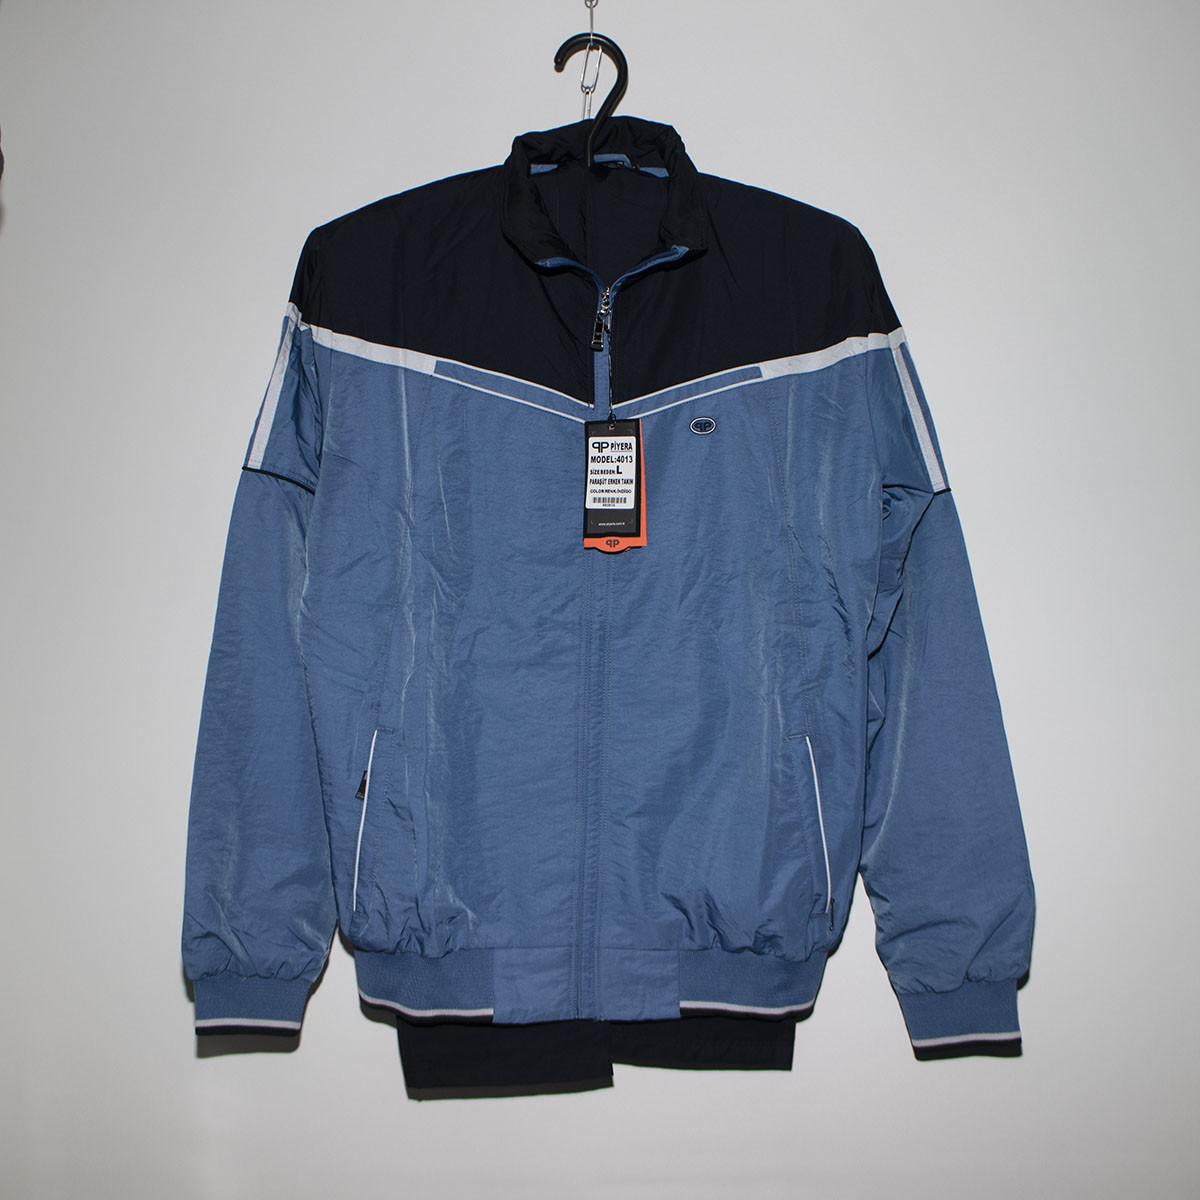 Чоловічий синій спортивний костюм плащівка під гумку Туреччина 4013